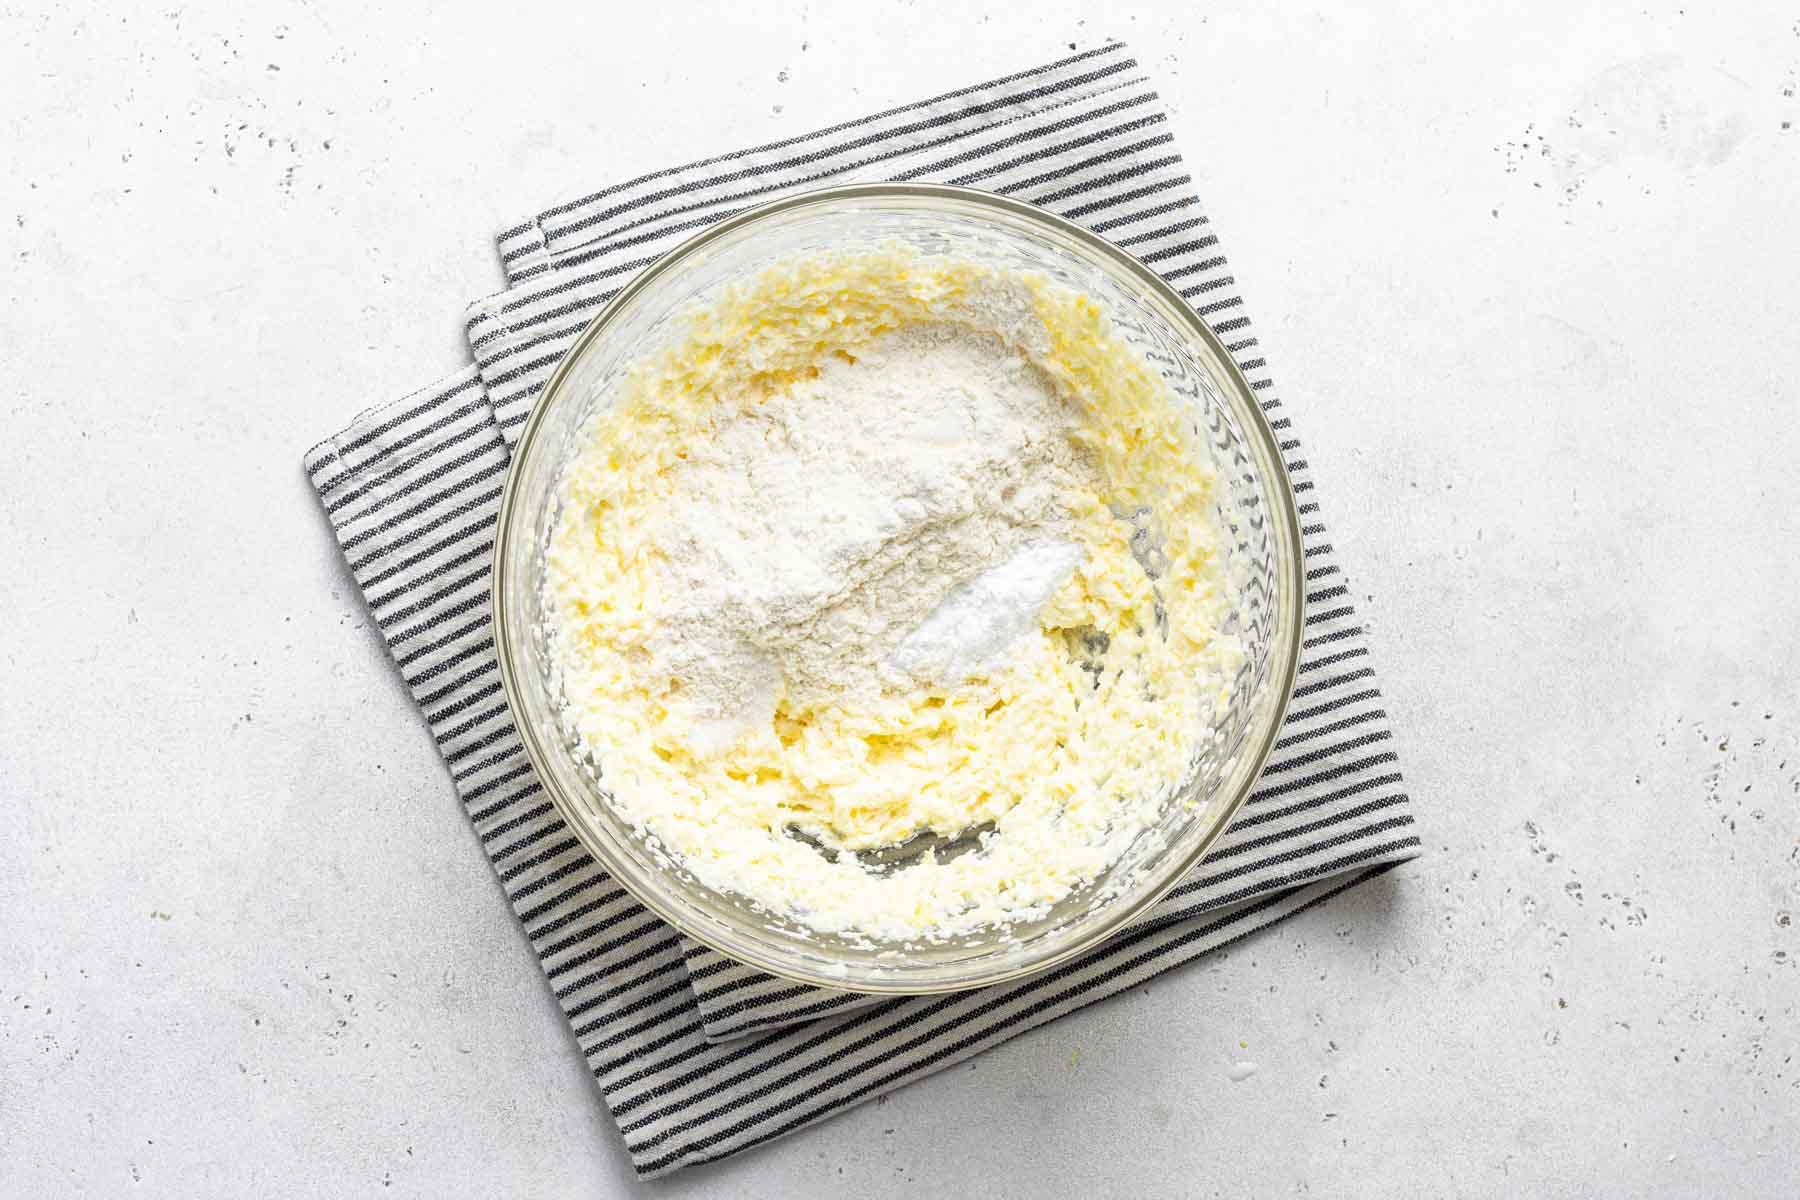 Lemon cupcake batter in bowl with dish towel.